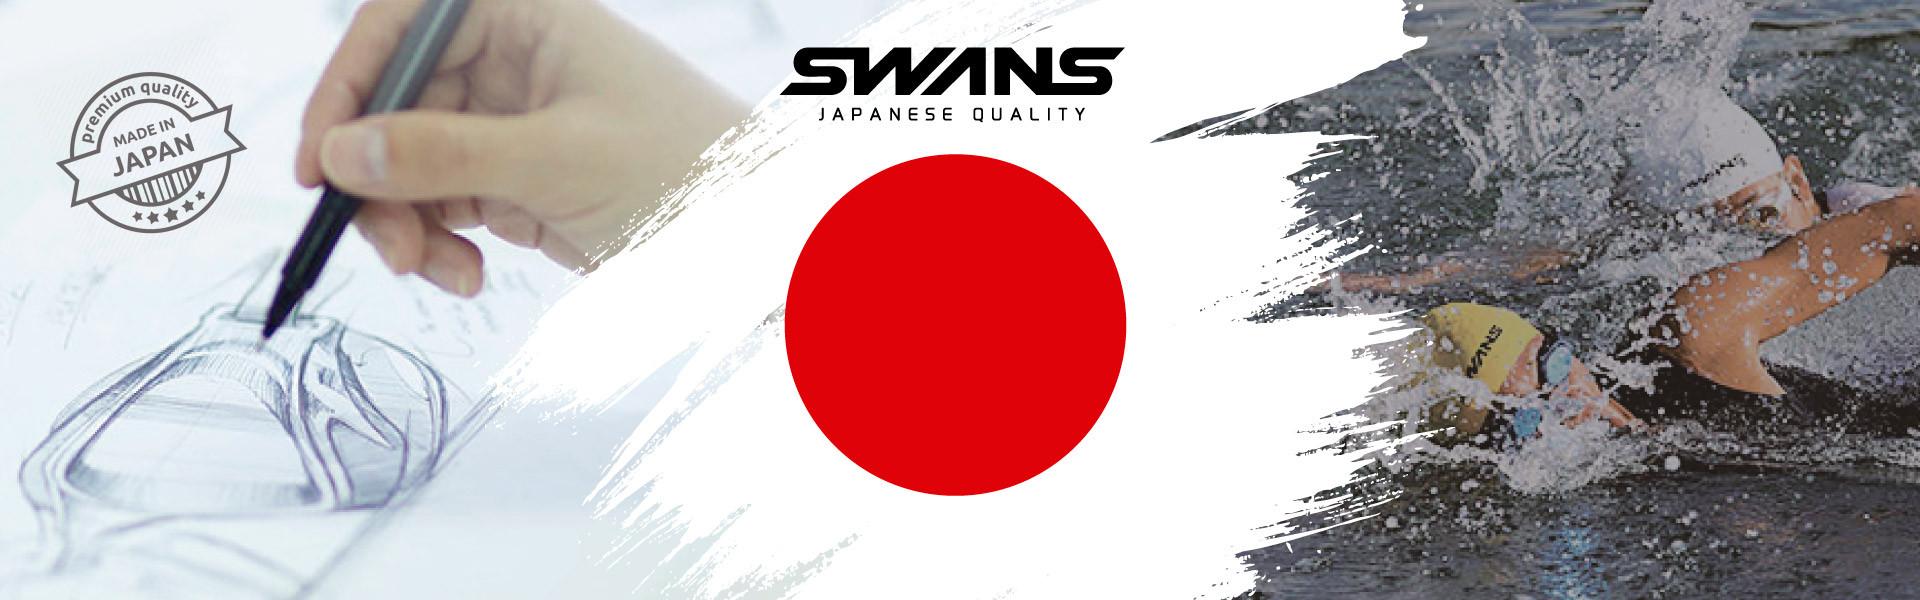 SWANS-BRASIL---Made-in-Japan----Banner-1